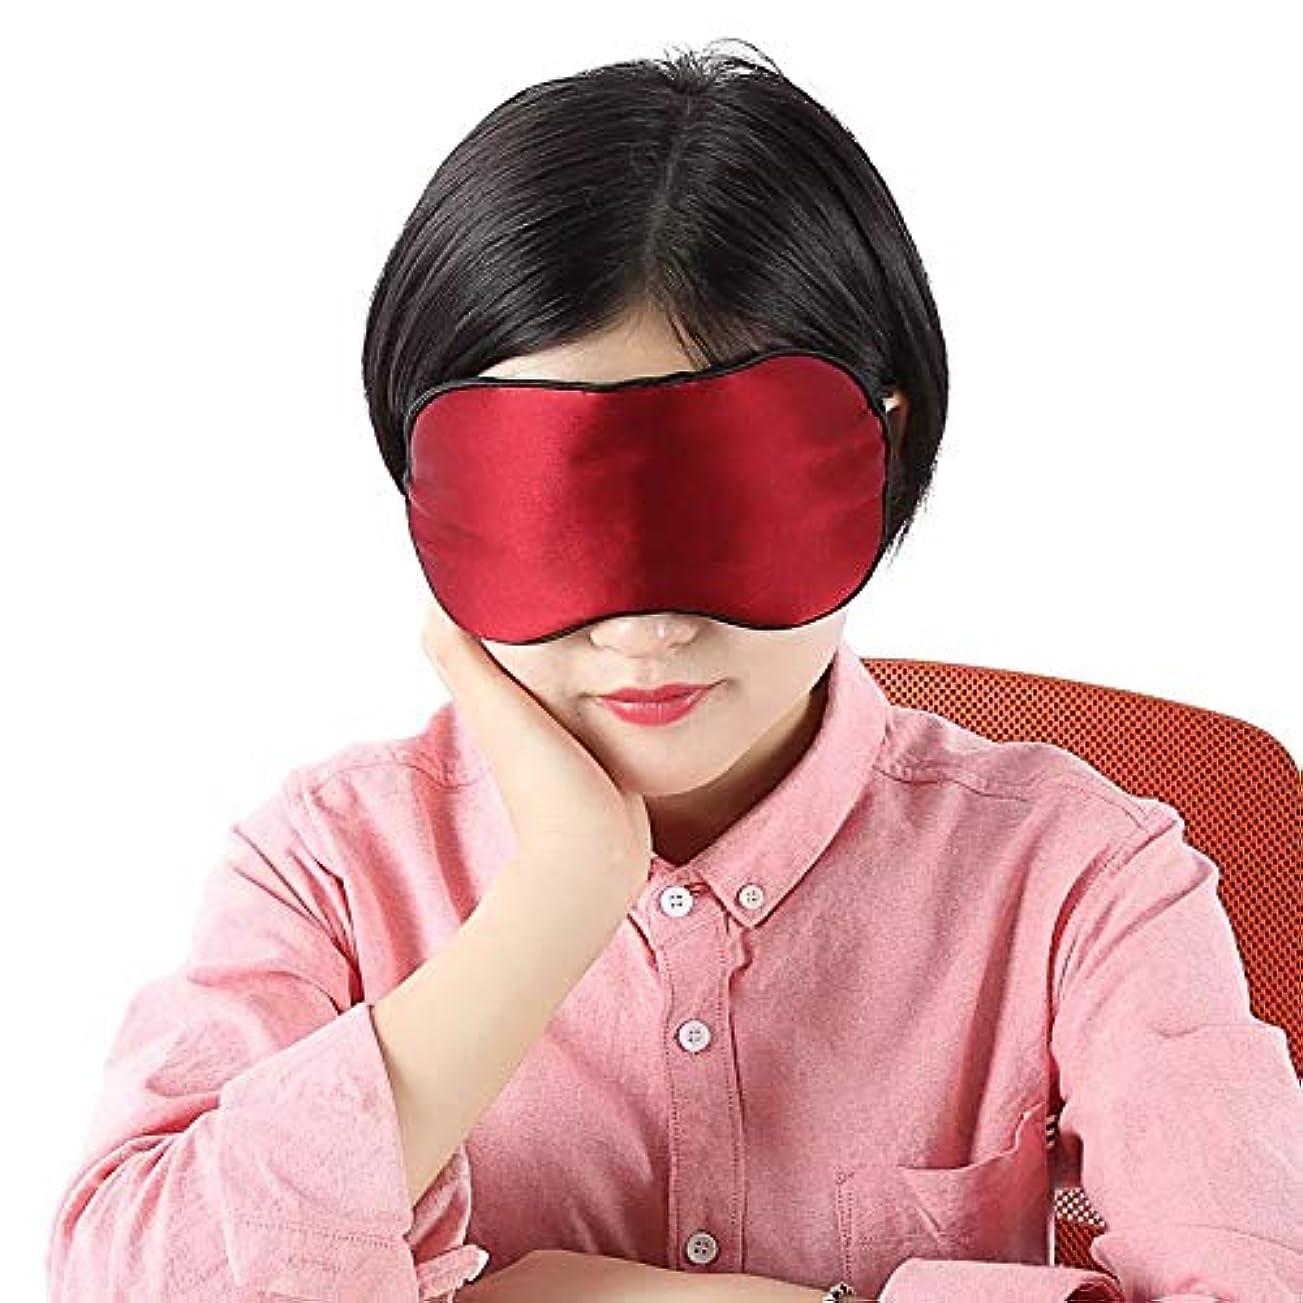 パーツ敵対的レタッチNOTE 1ピース両面純粋なシルク睡眠休息アイマスクパッド入りシェードカバー旅行リラックス援助目隠し送料無料